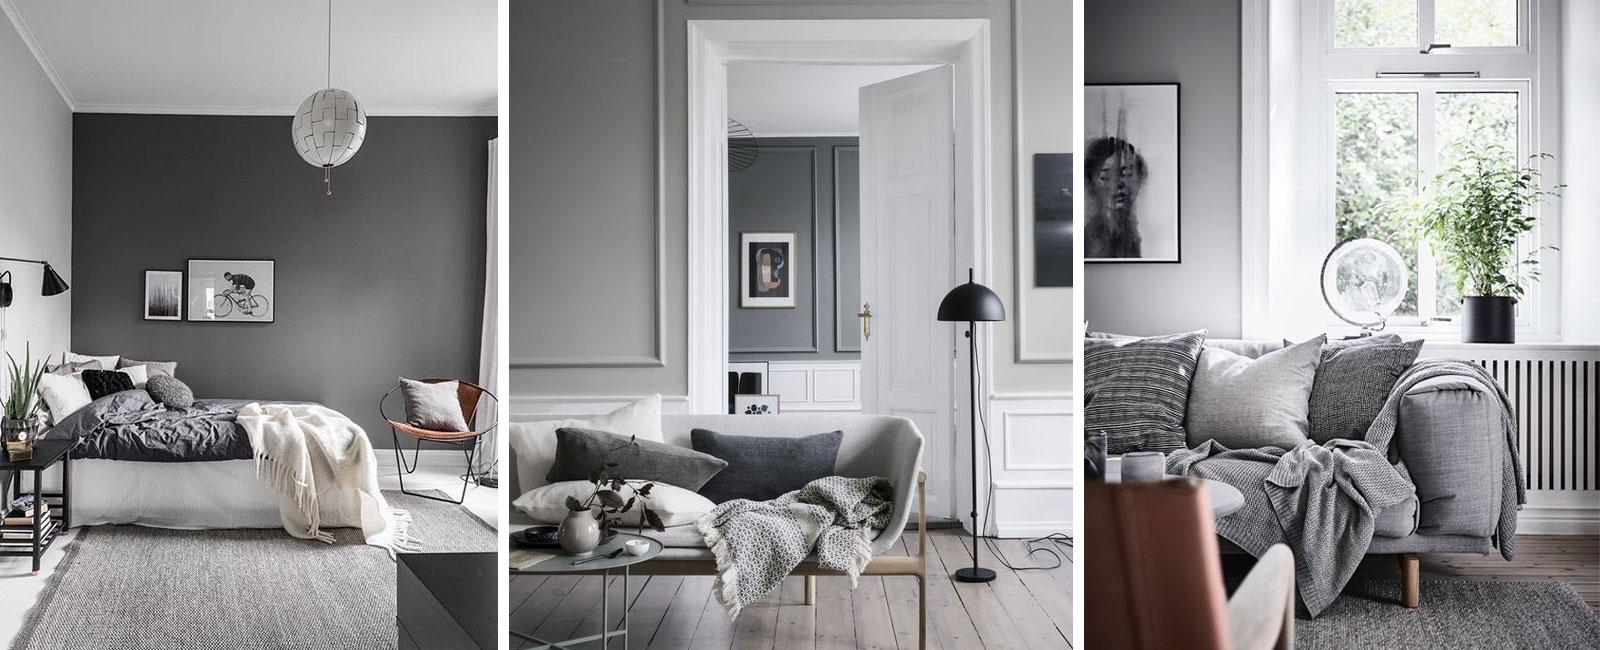 Parete Grigia Camera Da Letto ecco perchè il grigio è il colore perfetto per gli interni